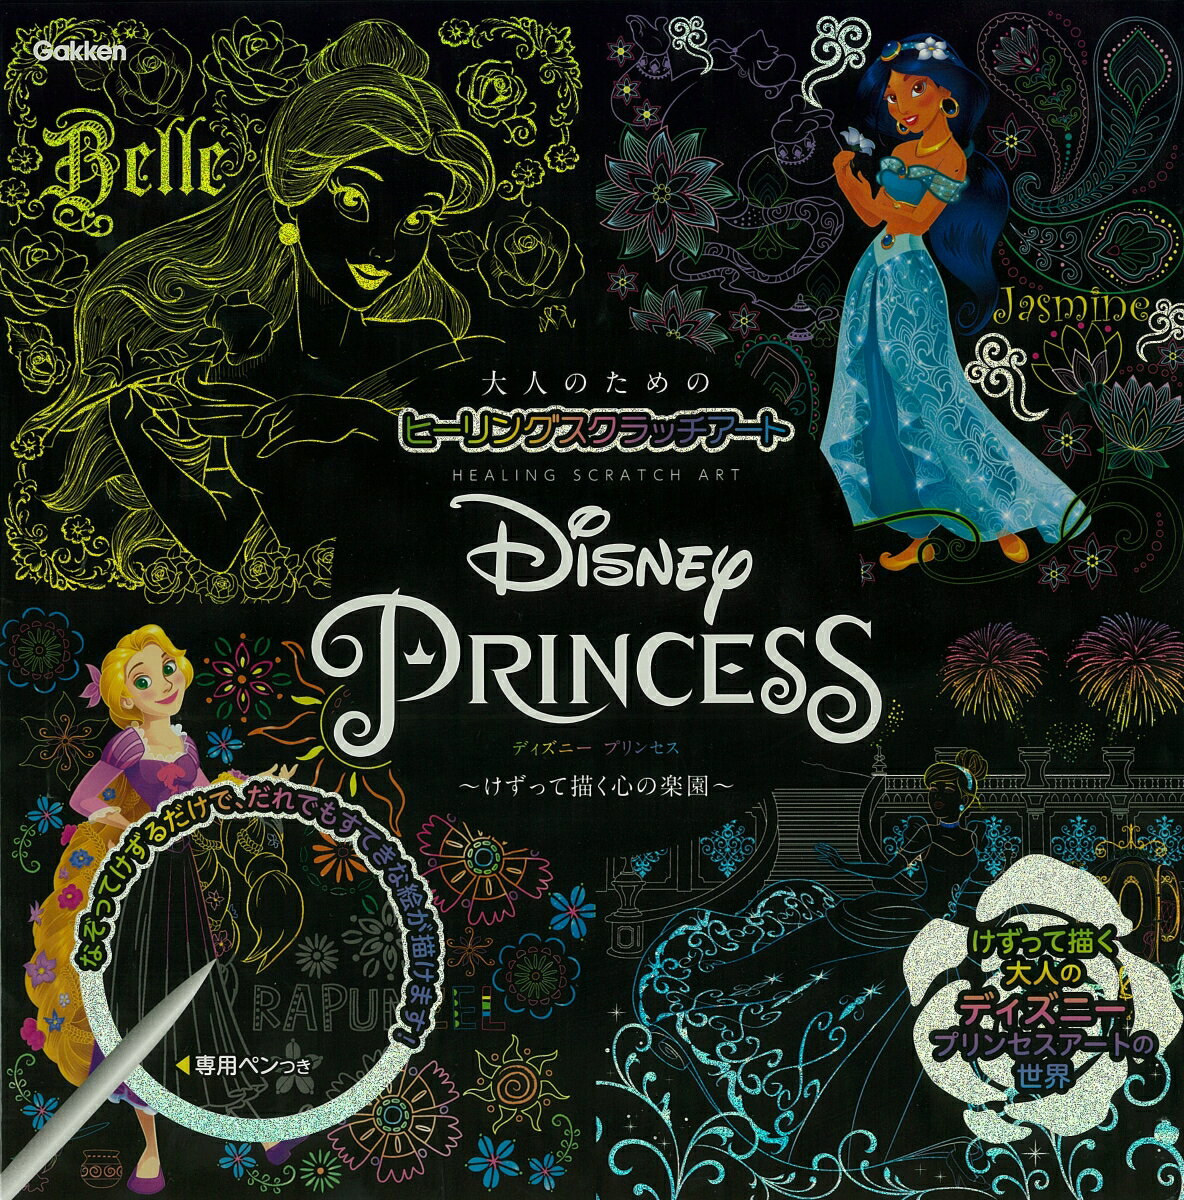 Disney Princess けずって描く心の楽園 (大人のためのヒーリングスクラッチアート) [ isotope ]